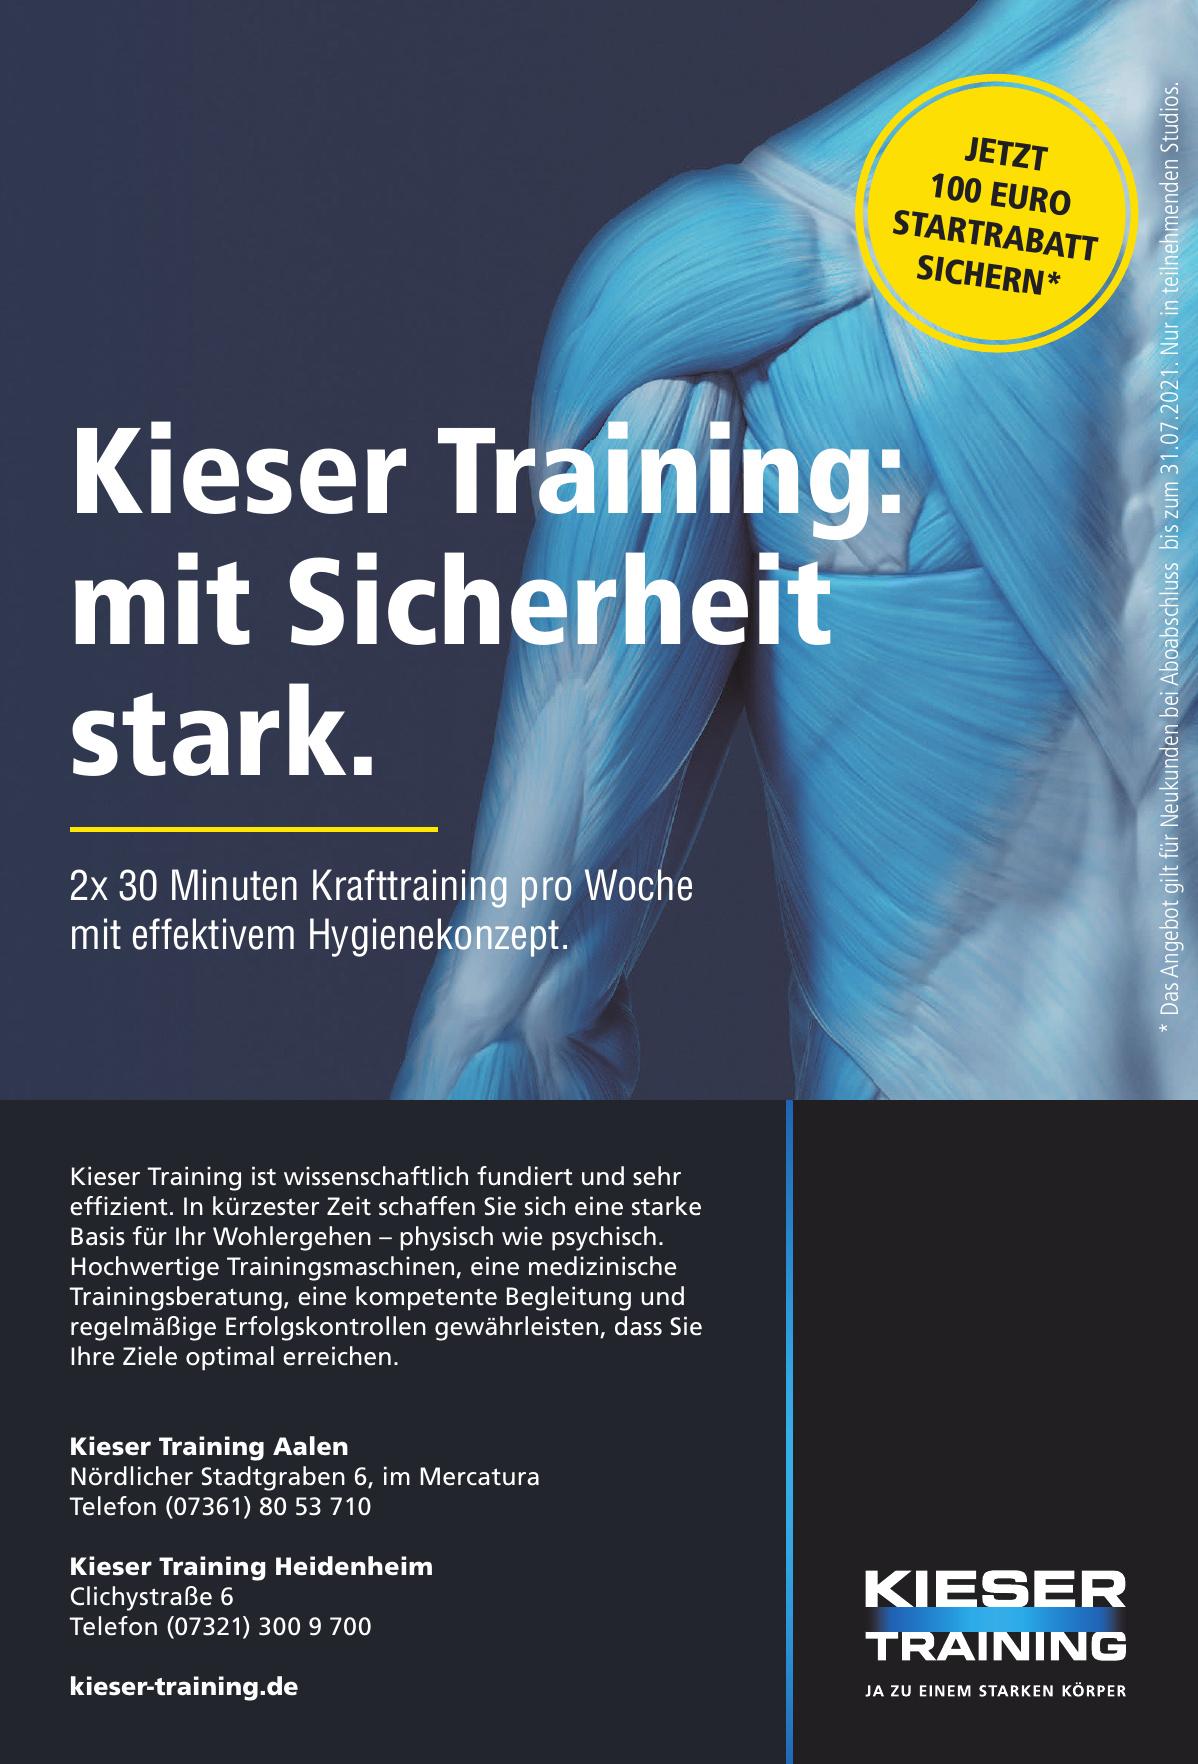 Kieser Training Aalen